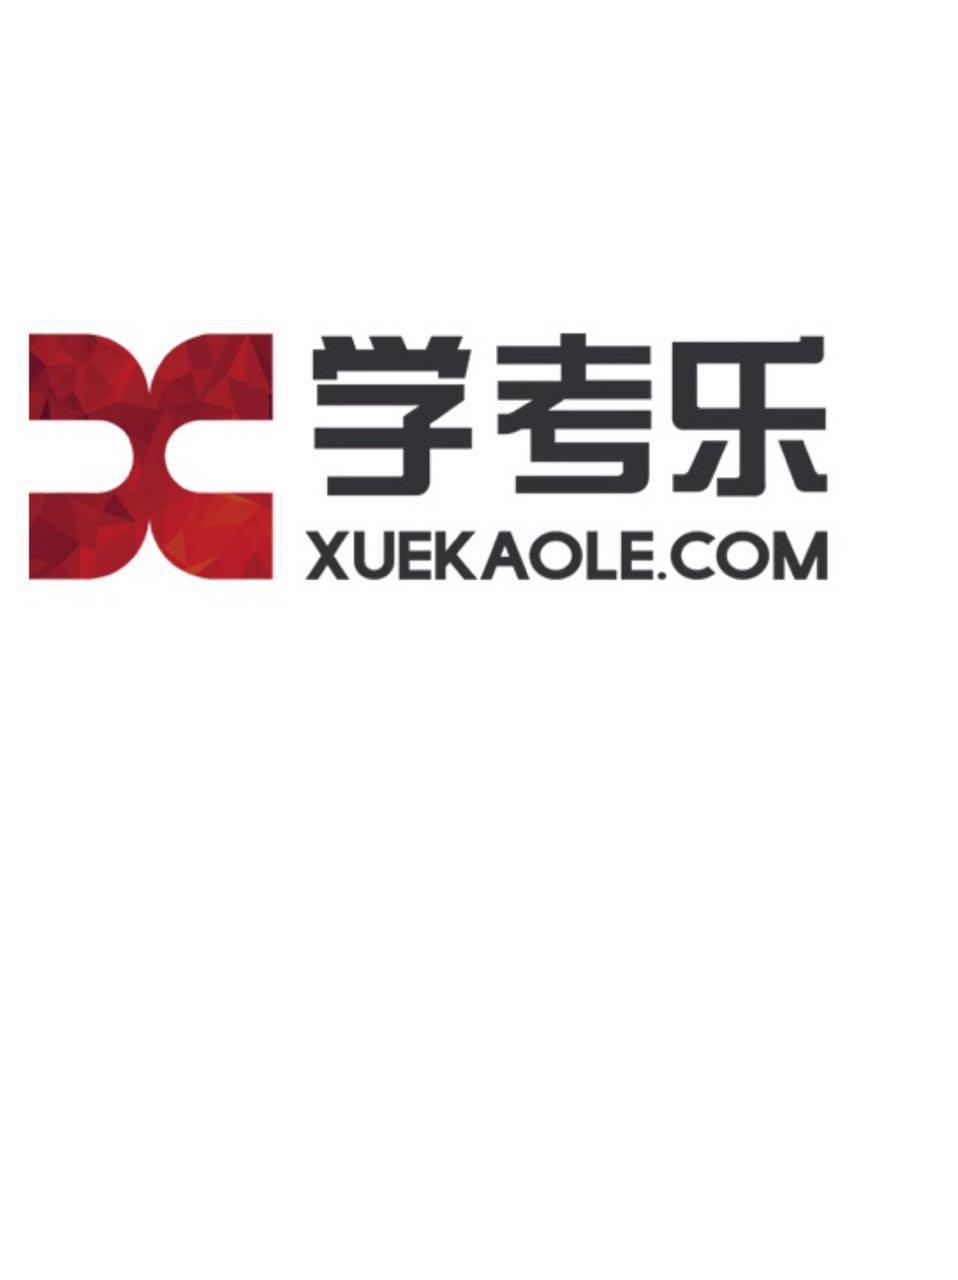 四川学考乐科技有限公司